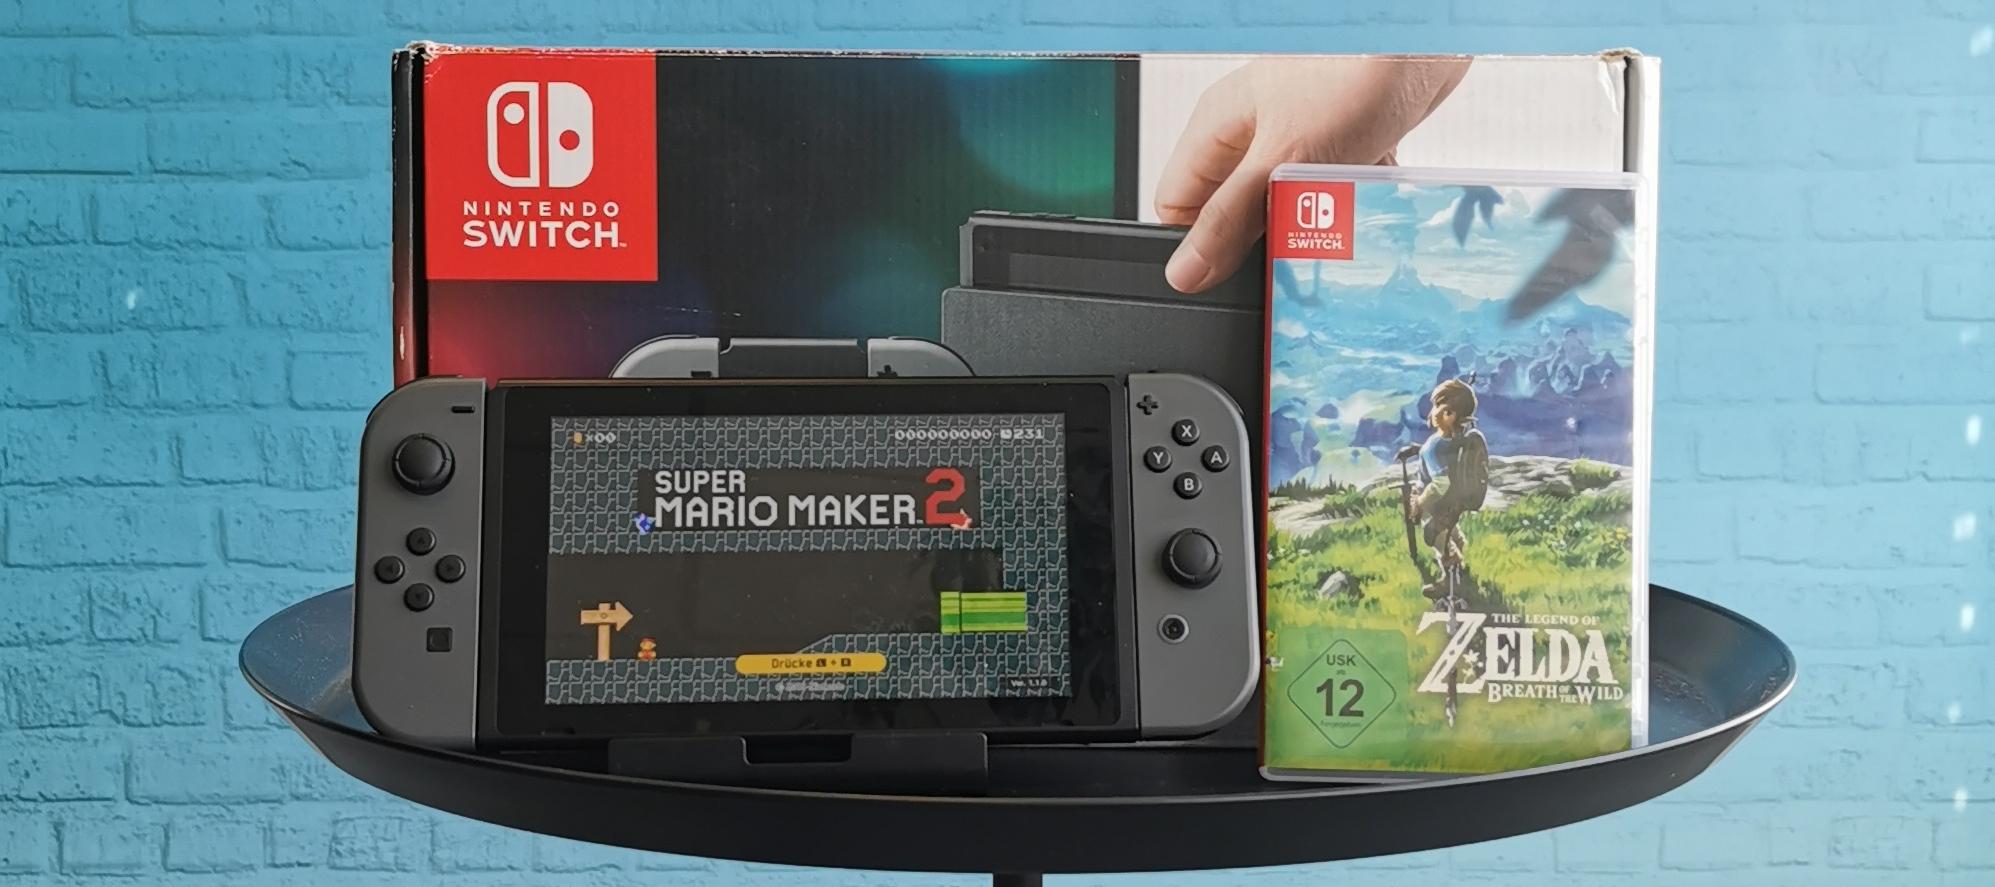 Nintendo Switch Testgerät: Super Mario Maker 2 und Zelda - Breath of the wild für deinen Test bereit!